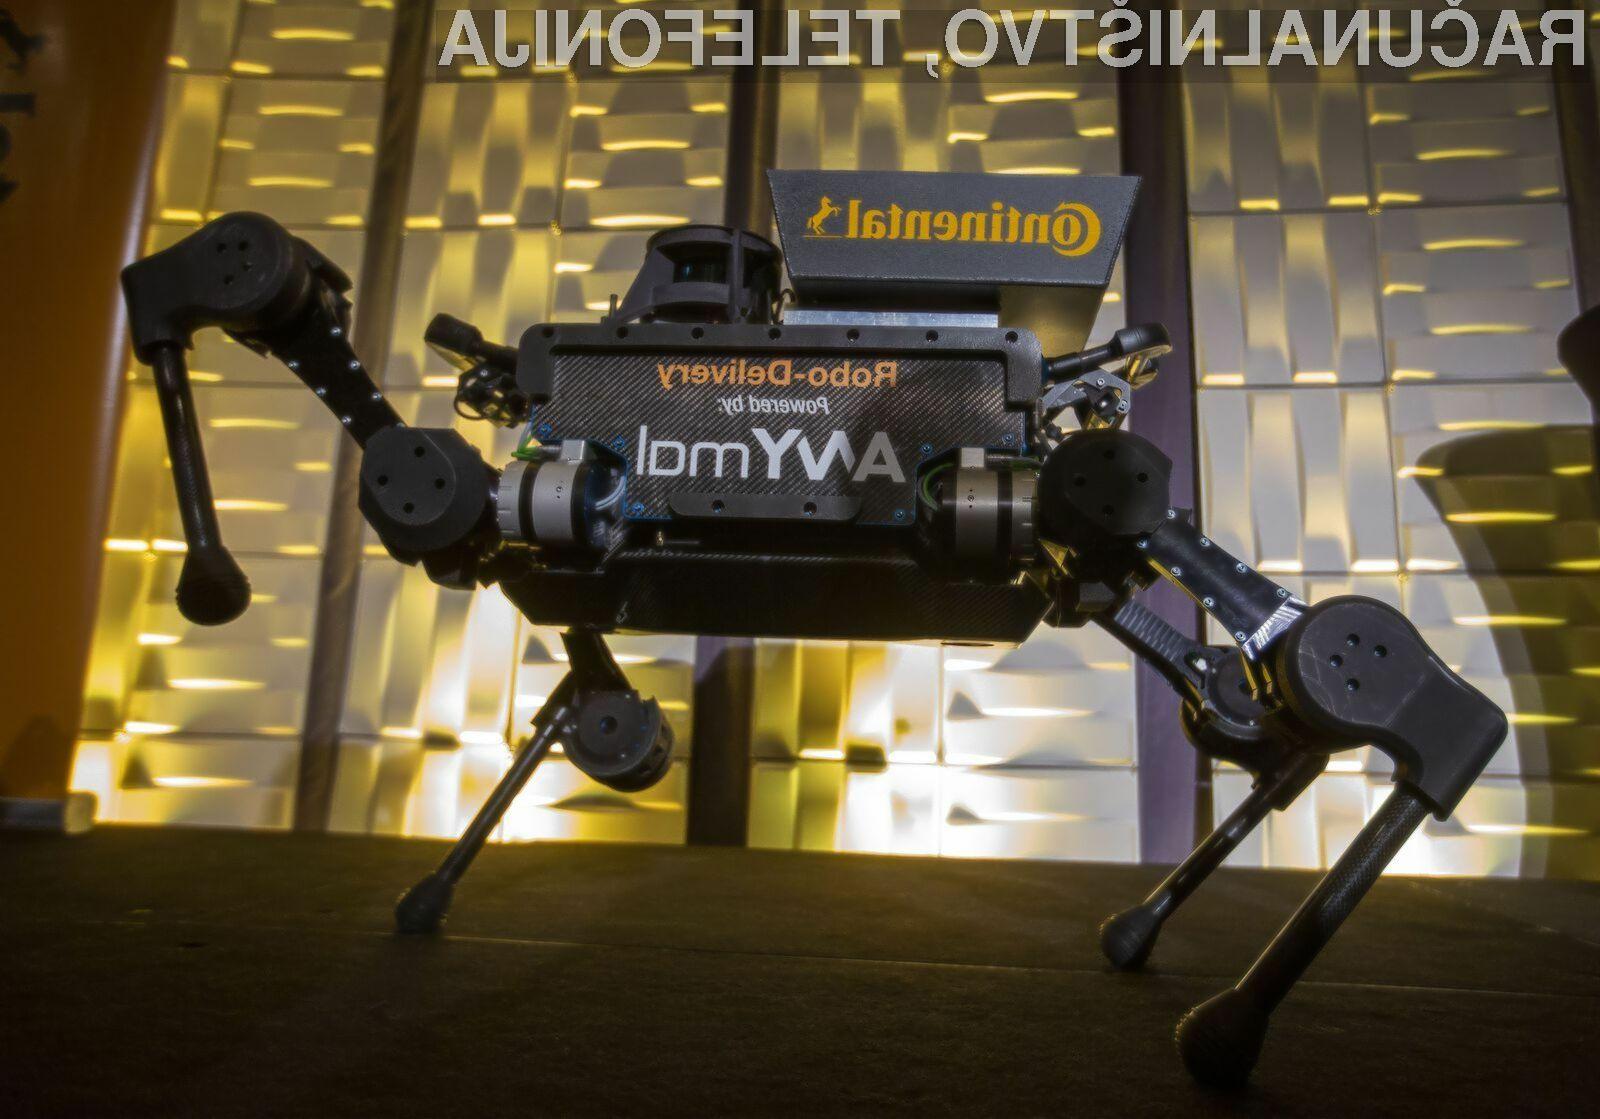 Ta robot vam lahko paket dostavi kamorkoli